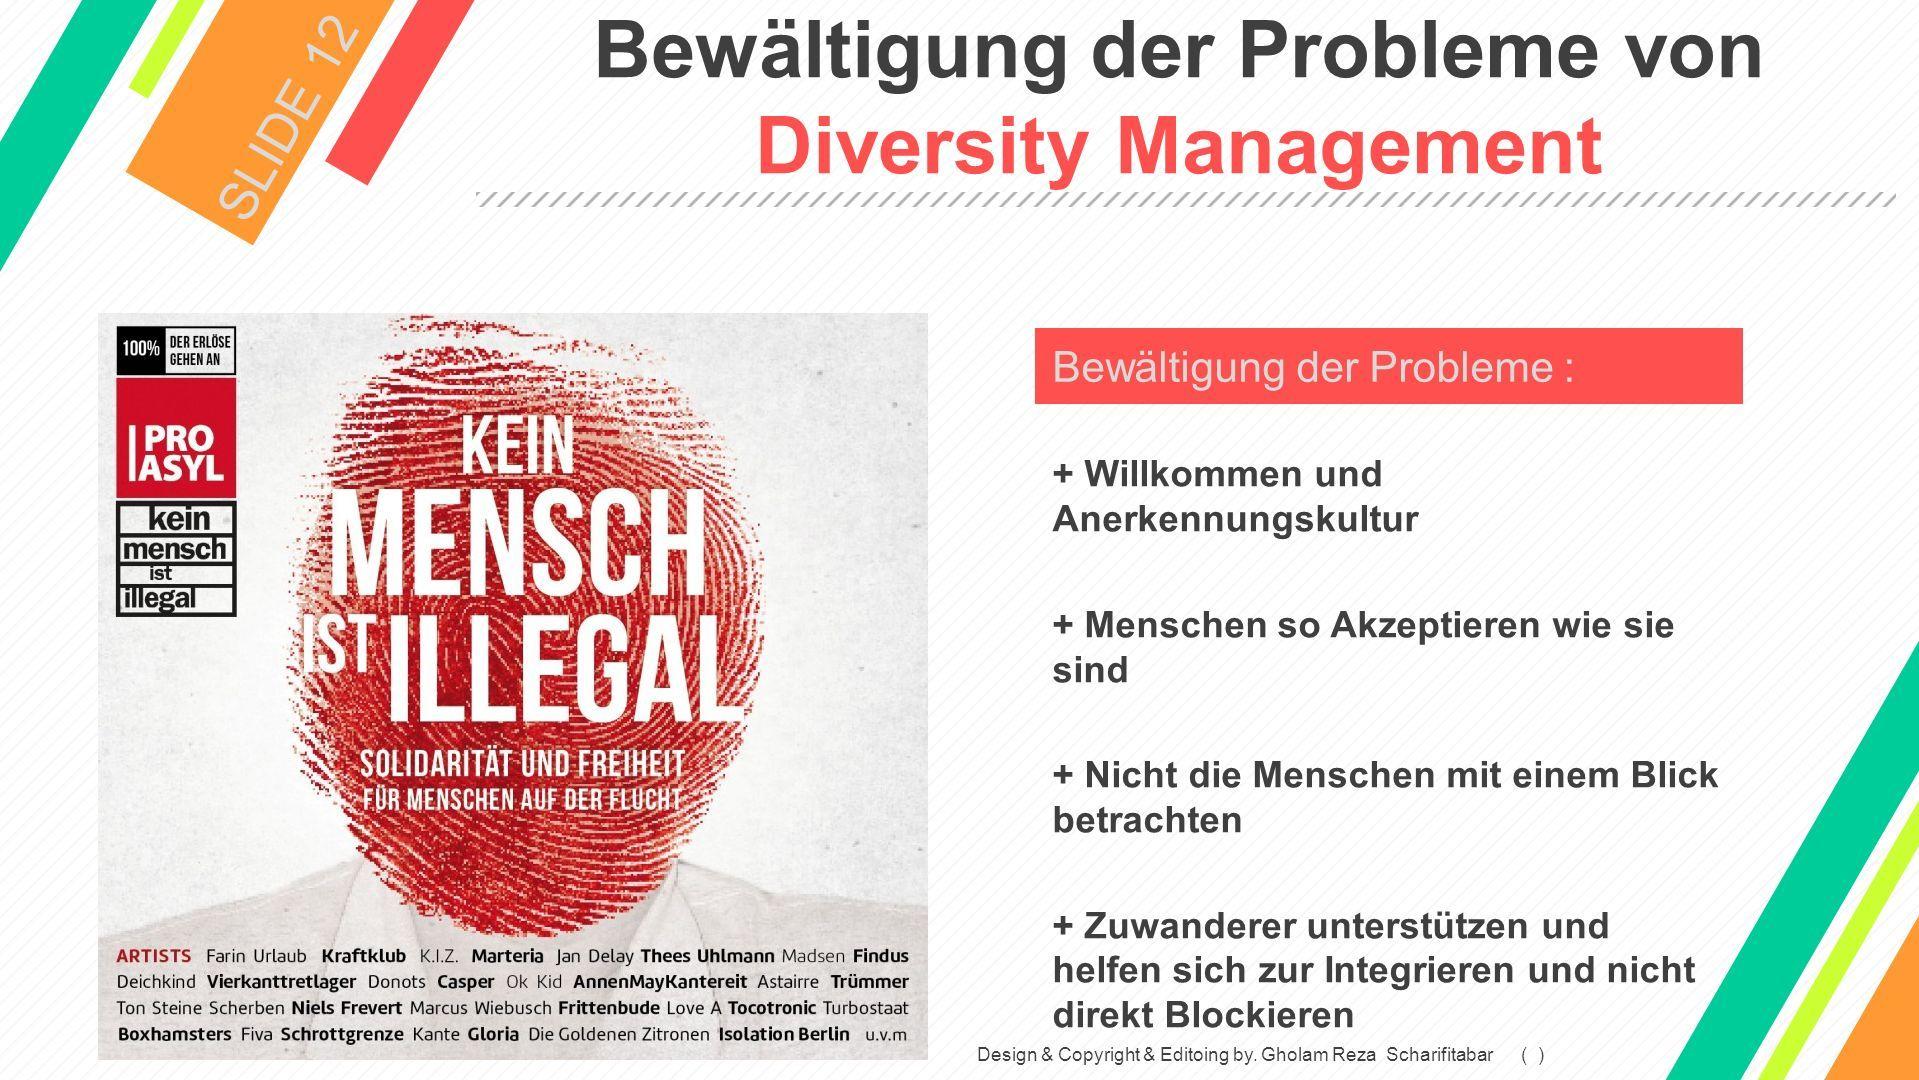 Bewältigung der Probleme von Diversity Management SLIDE 12 + Willkommen und Anerkennungskultur + Menschen so Akzeptieren wie sie sind + Nicht die Menschen mit einem Blick betrachten + Zuwanderer unterstützen und helfen sich zur Integrieren und nicht direkt Blockieren Bewältigung der Probleme : Design & Copyright & Editoing by.